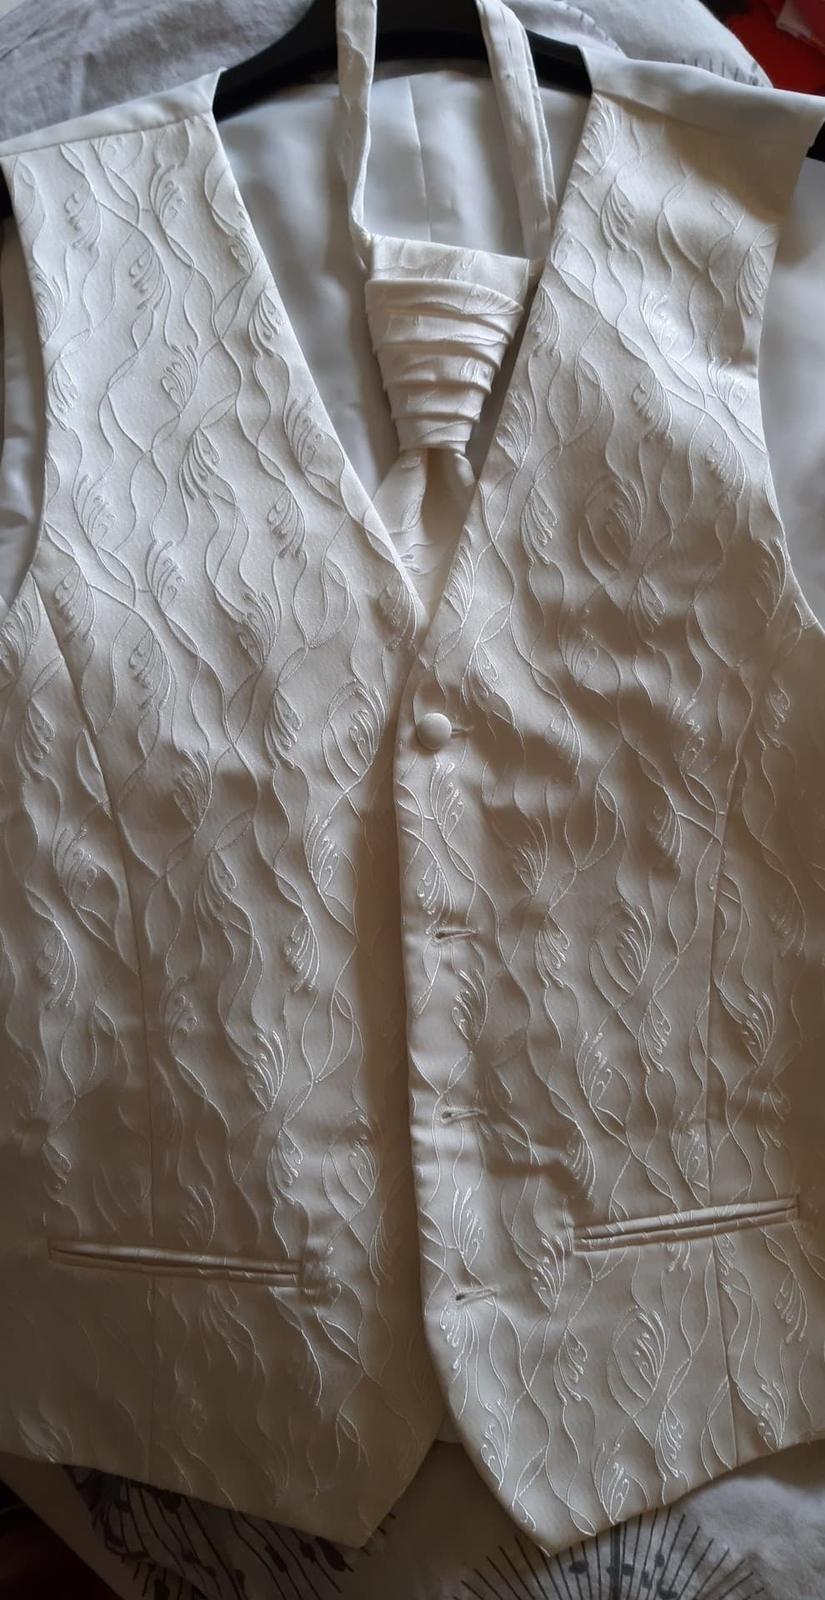 Panska svadobna vesta s kravatou - Obrázok č. 2